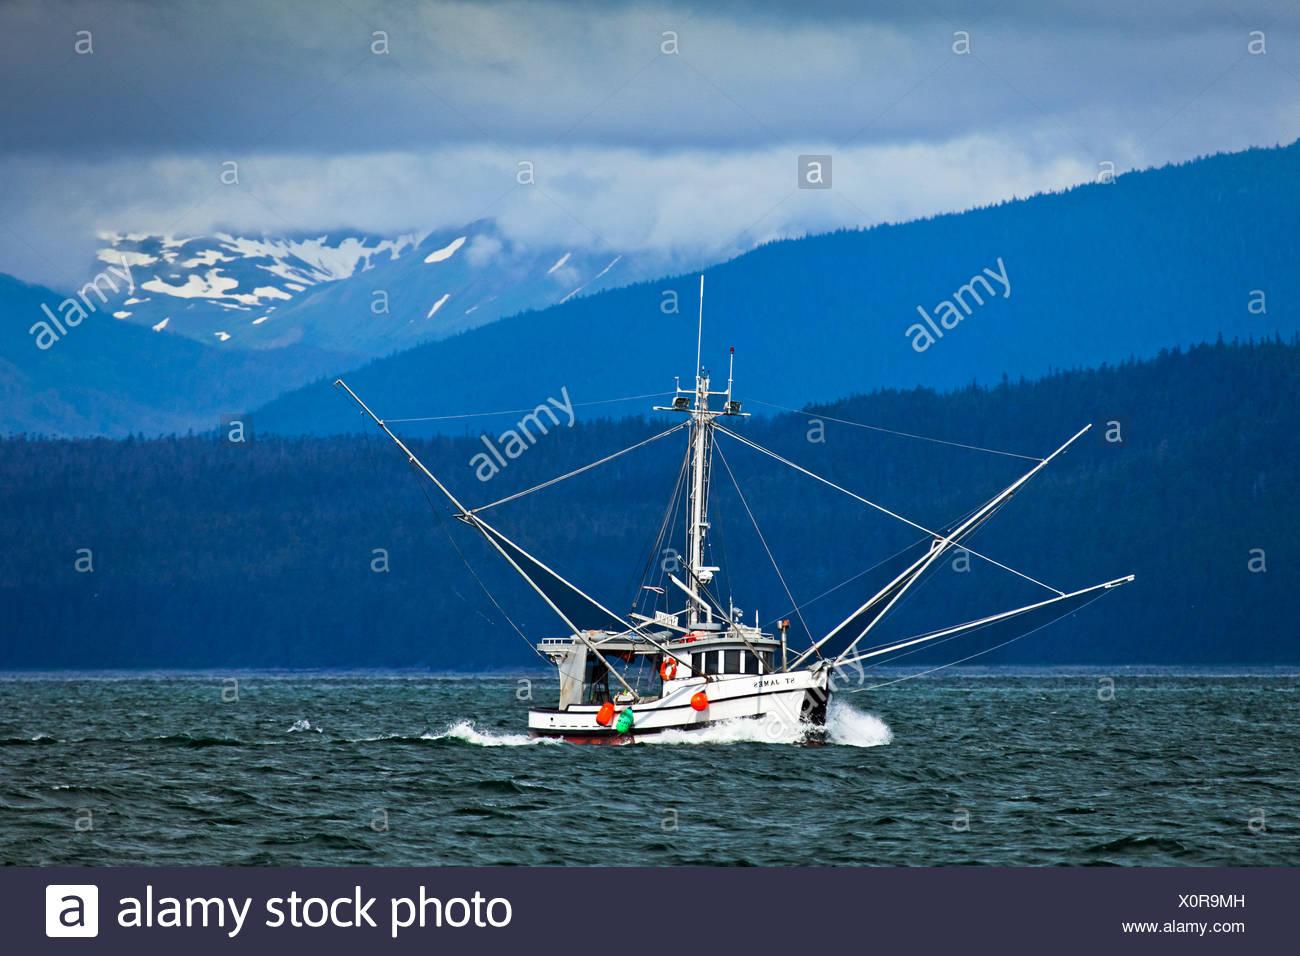 Un bateau de pêche à proximité de l'Île Chichagof, Glacier Bay National Park & Préserver, sud-est de l'Alaska, l'été Photo Stock